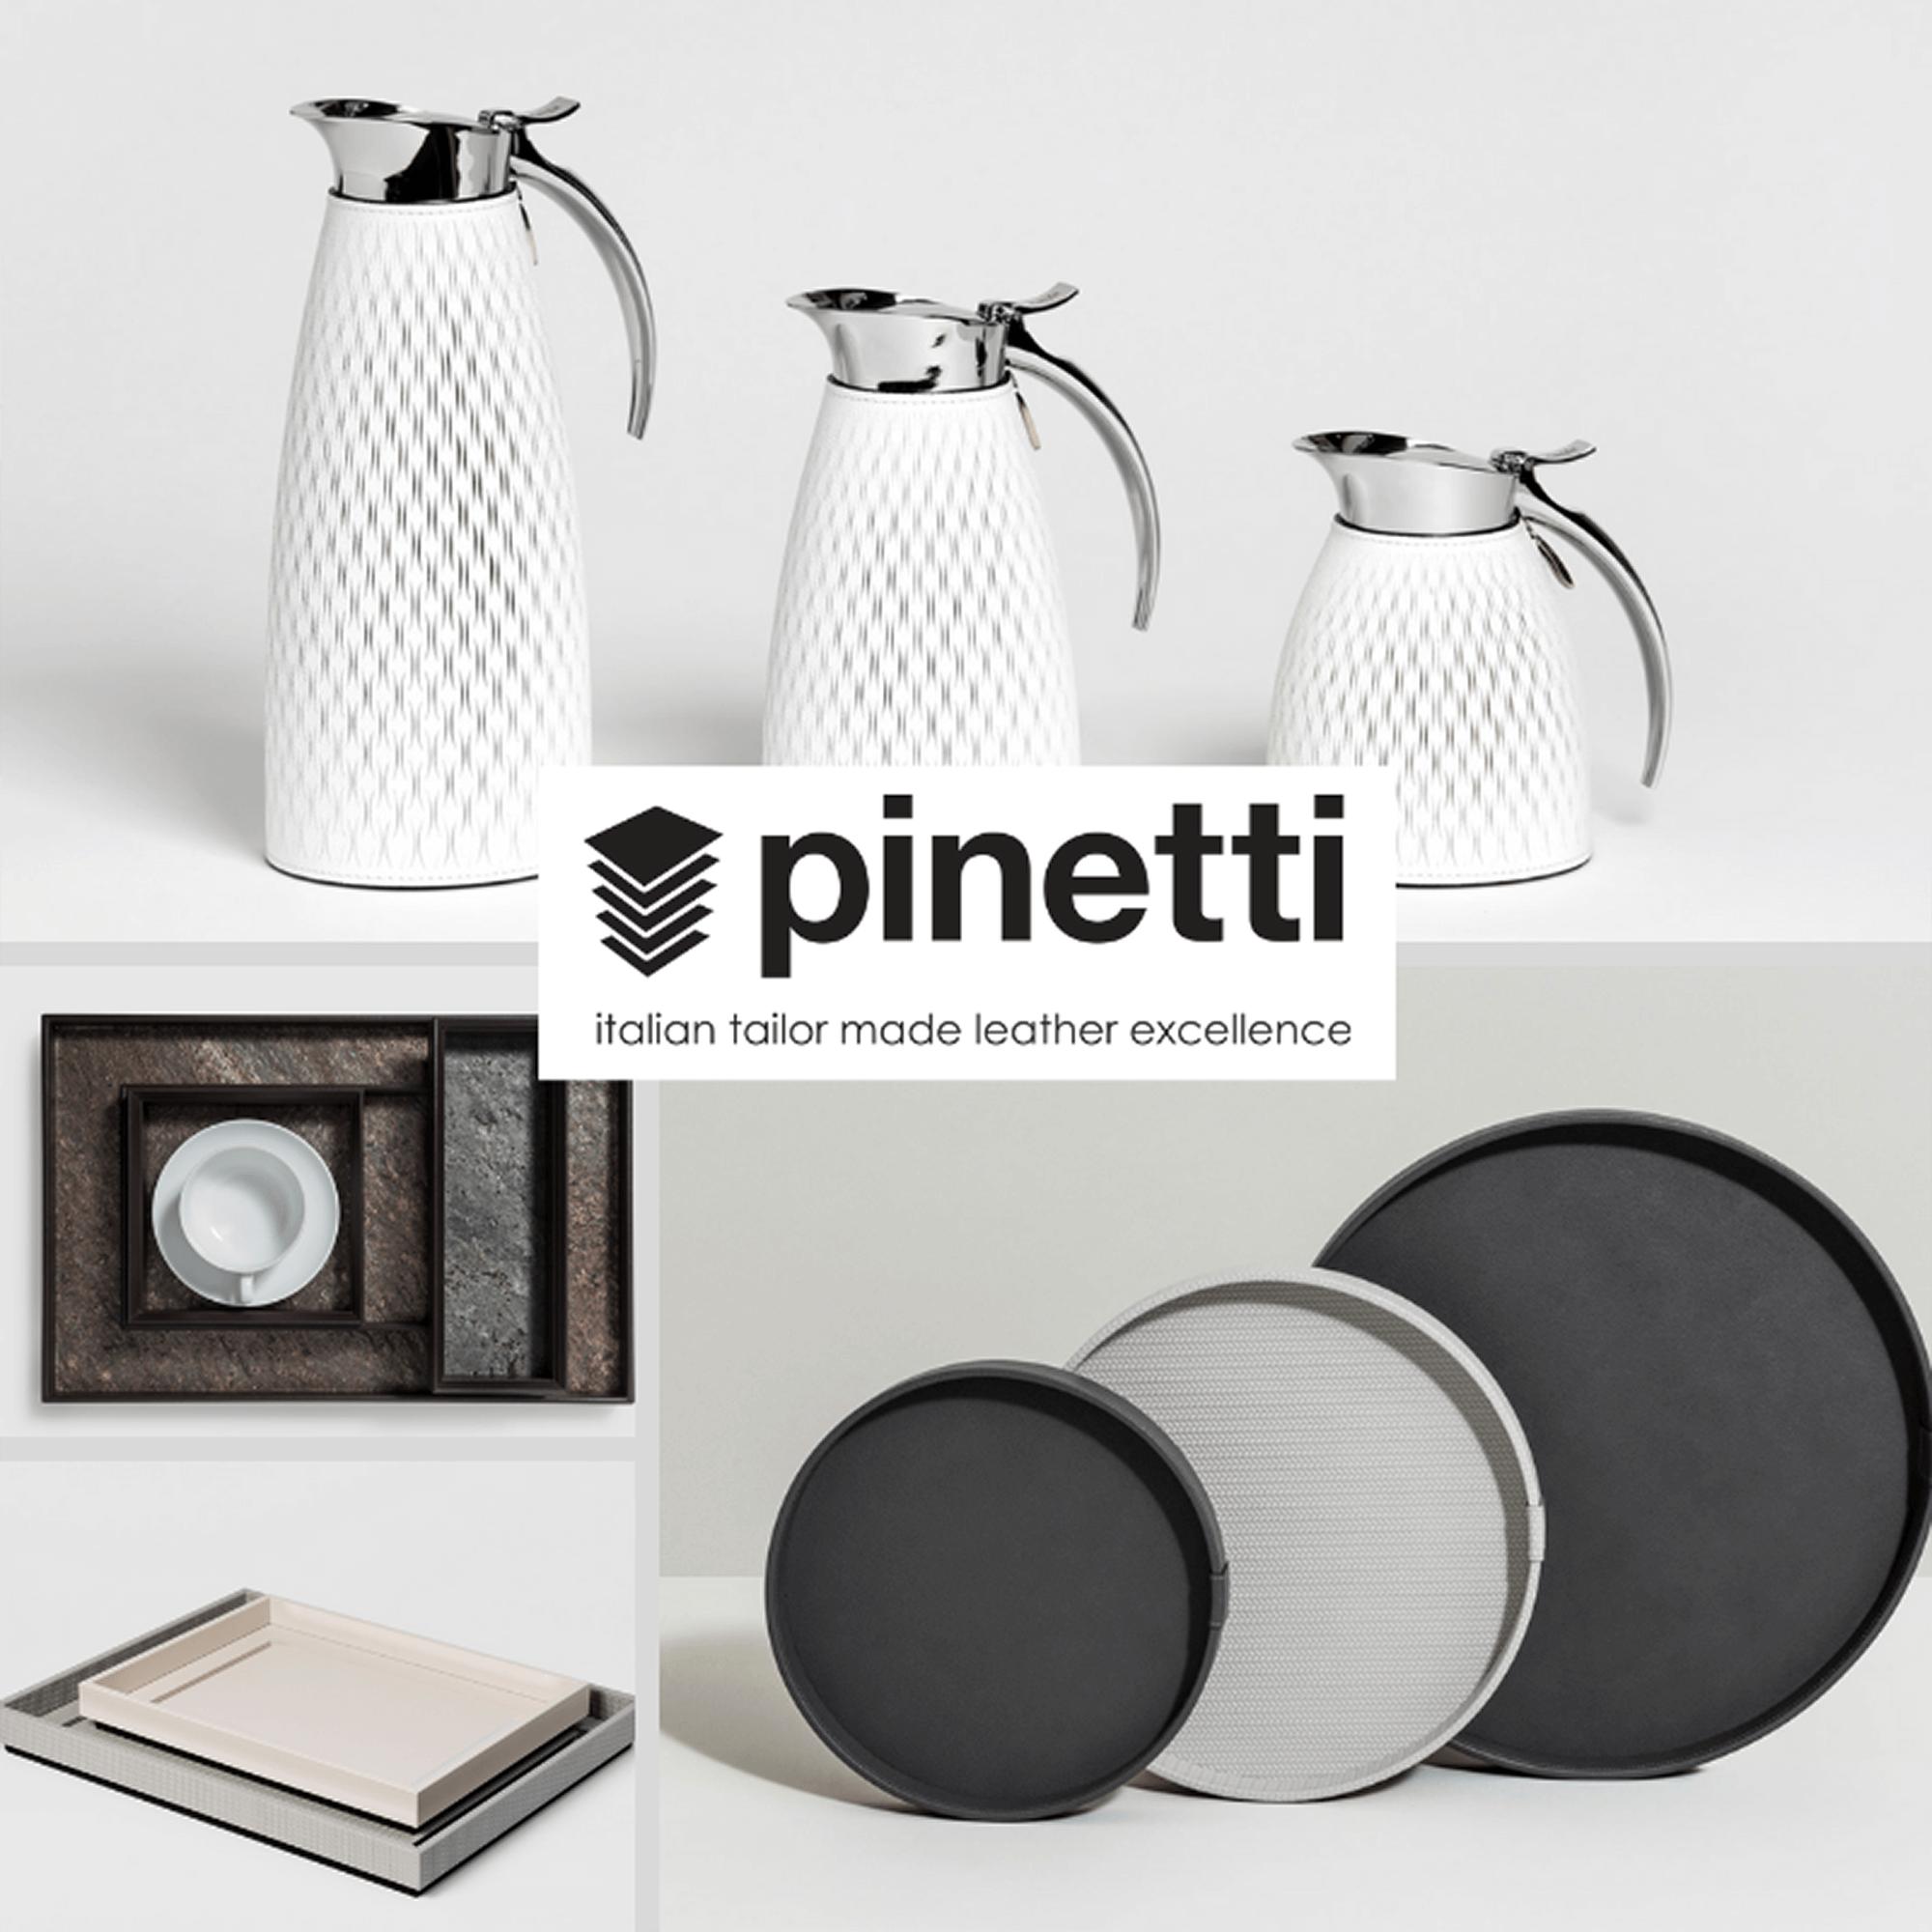 pinetti_01